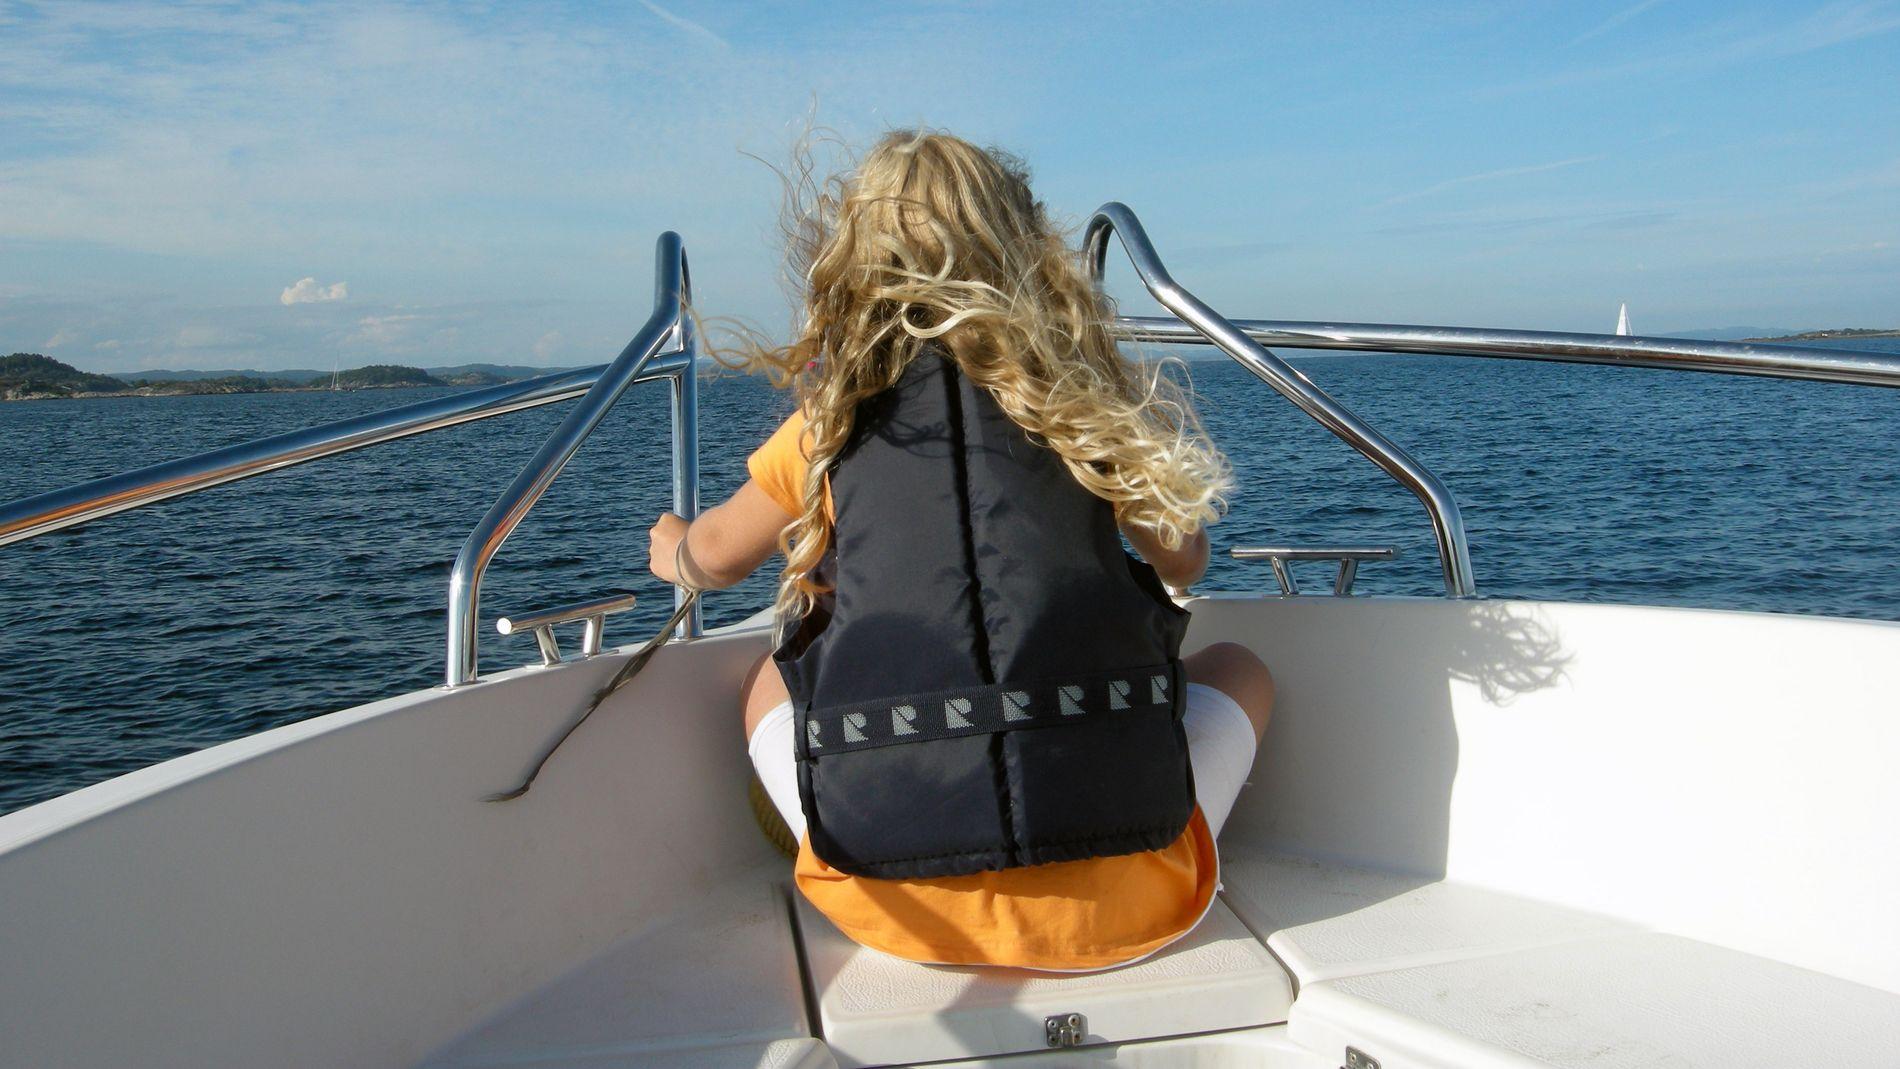 TRYGT: Den tryggeste plassen jeg kan tilby, er i båt. Aldri er voksentettheten større. Vi er alltid flere båter, så all risikovurdering er gjort, skriver barnehageeier og styrer Lise Lauvik.